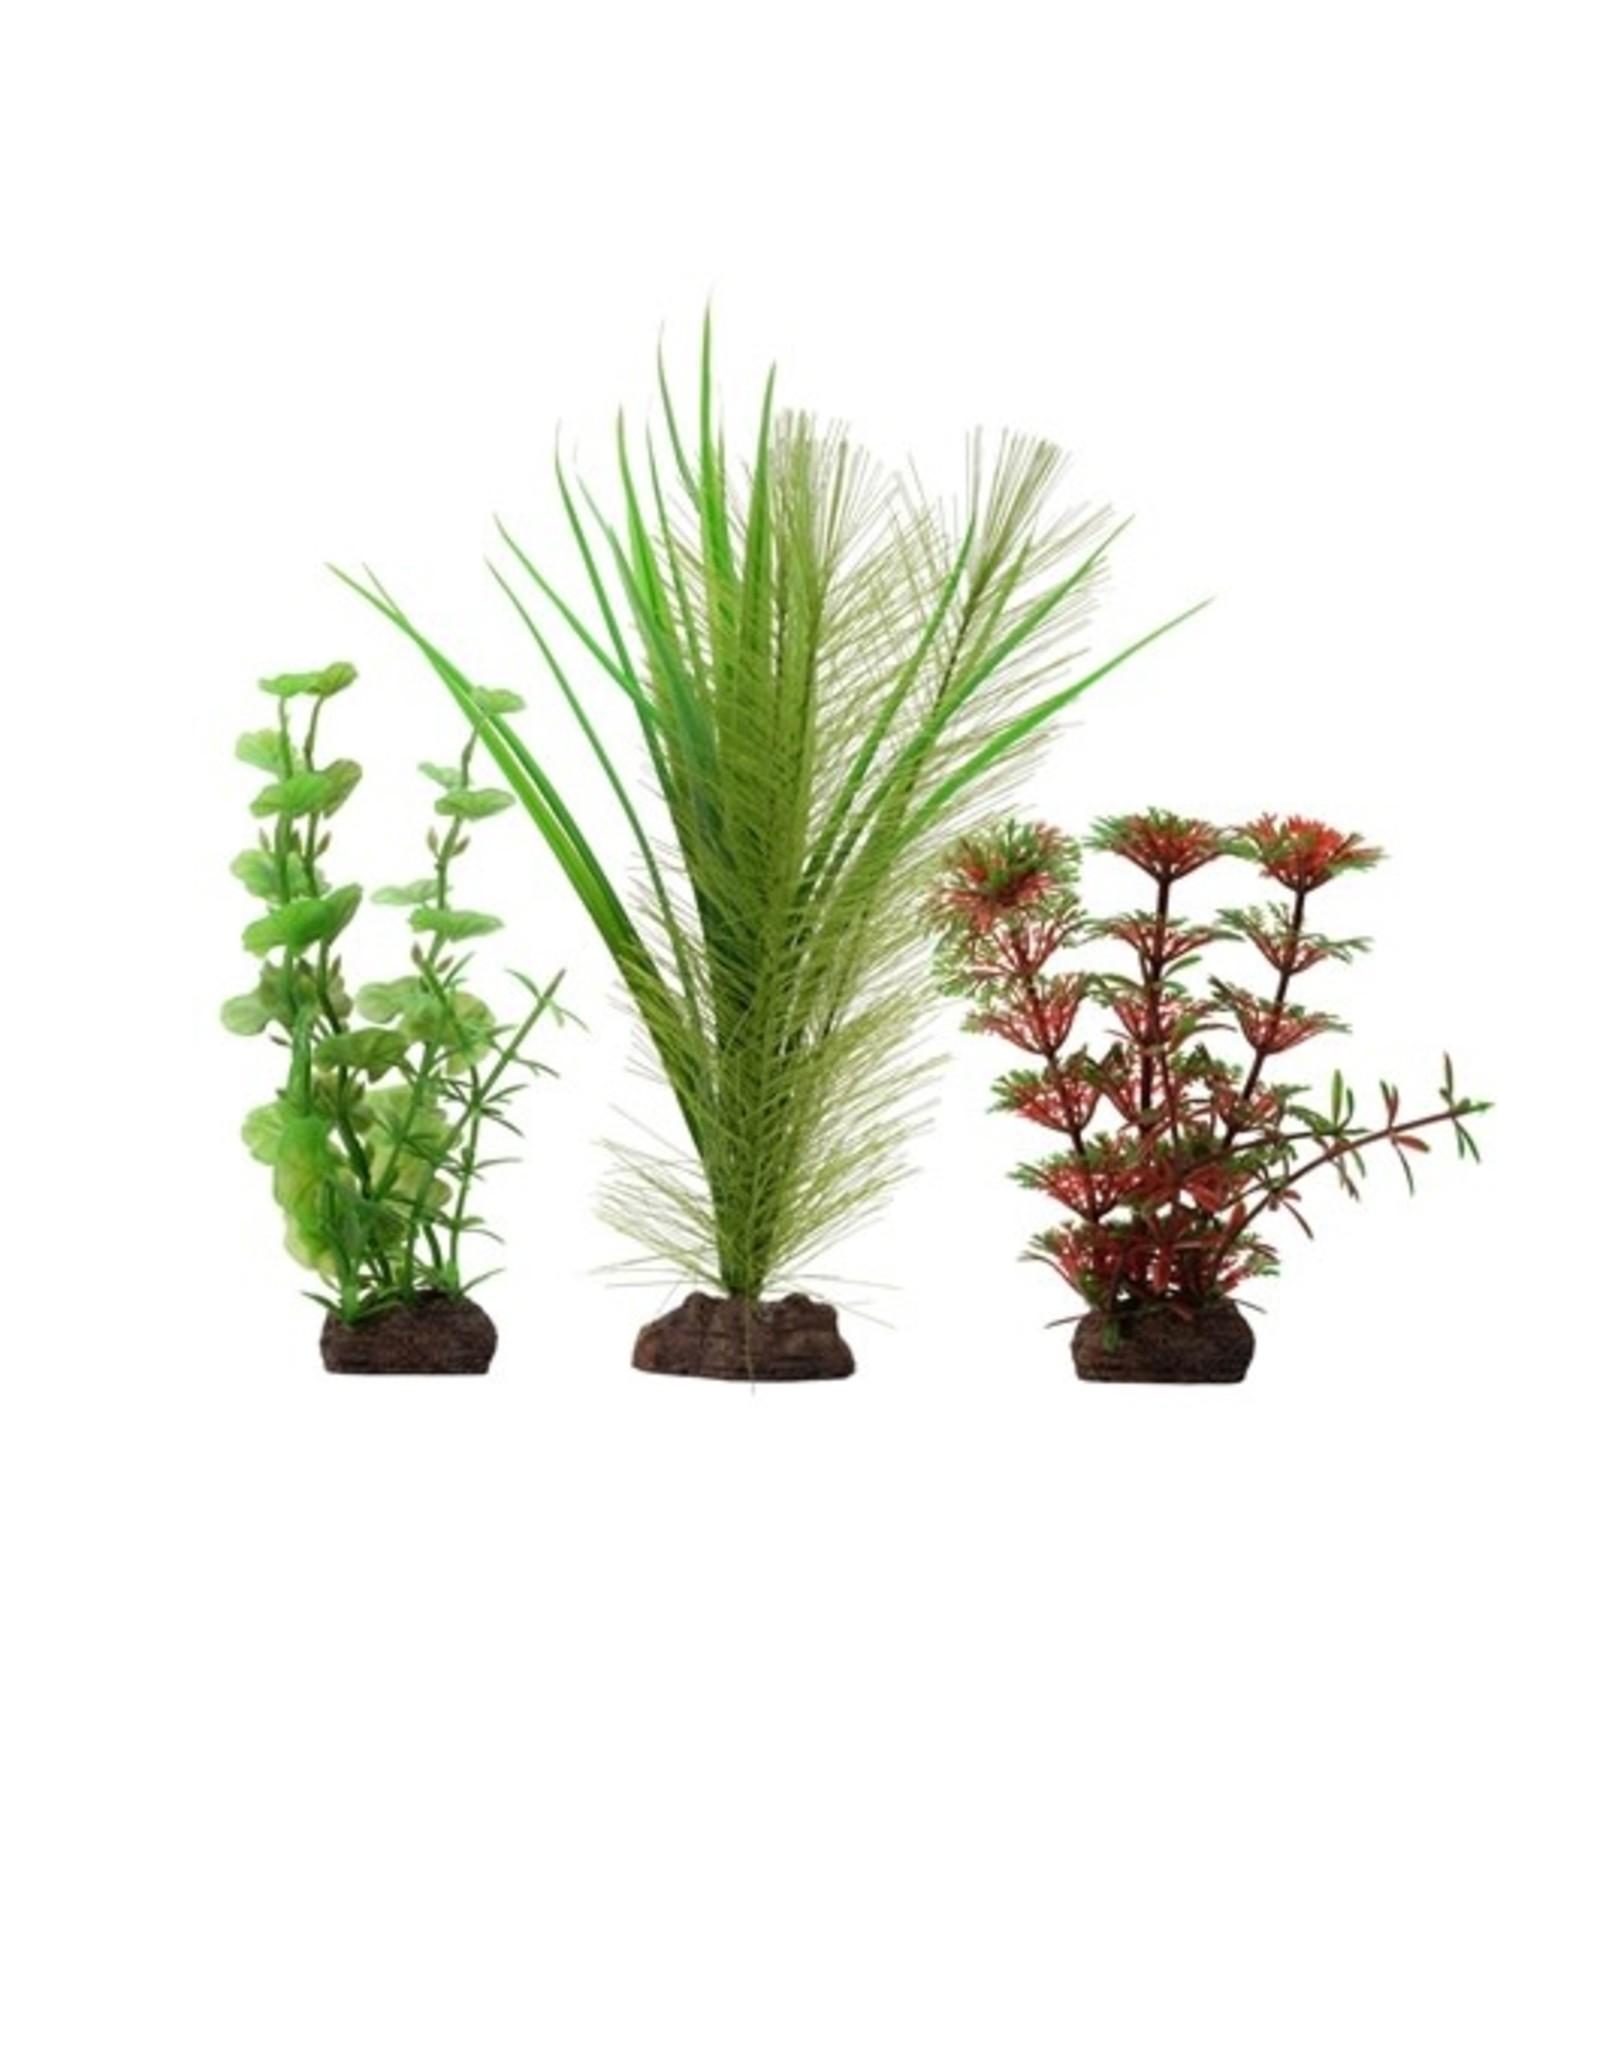 """Fluval Fluval Red Limnophila 3 Plant Set, 4-8"""""""